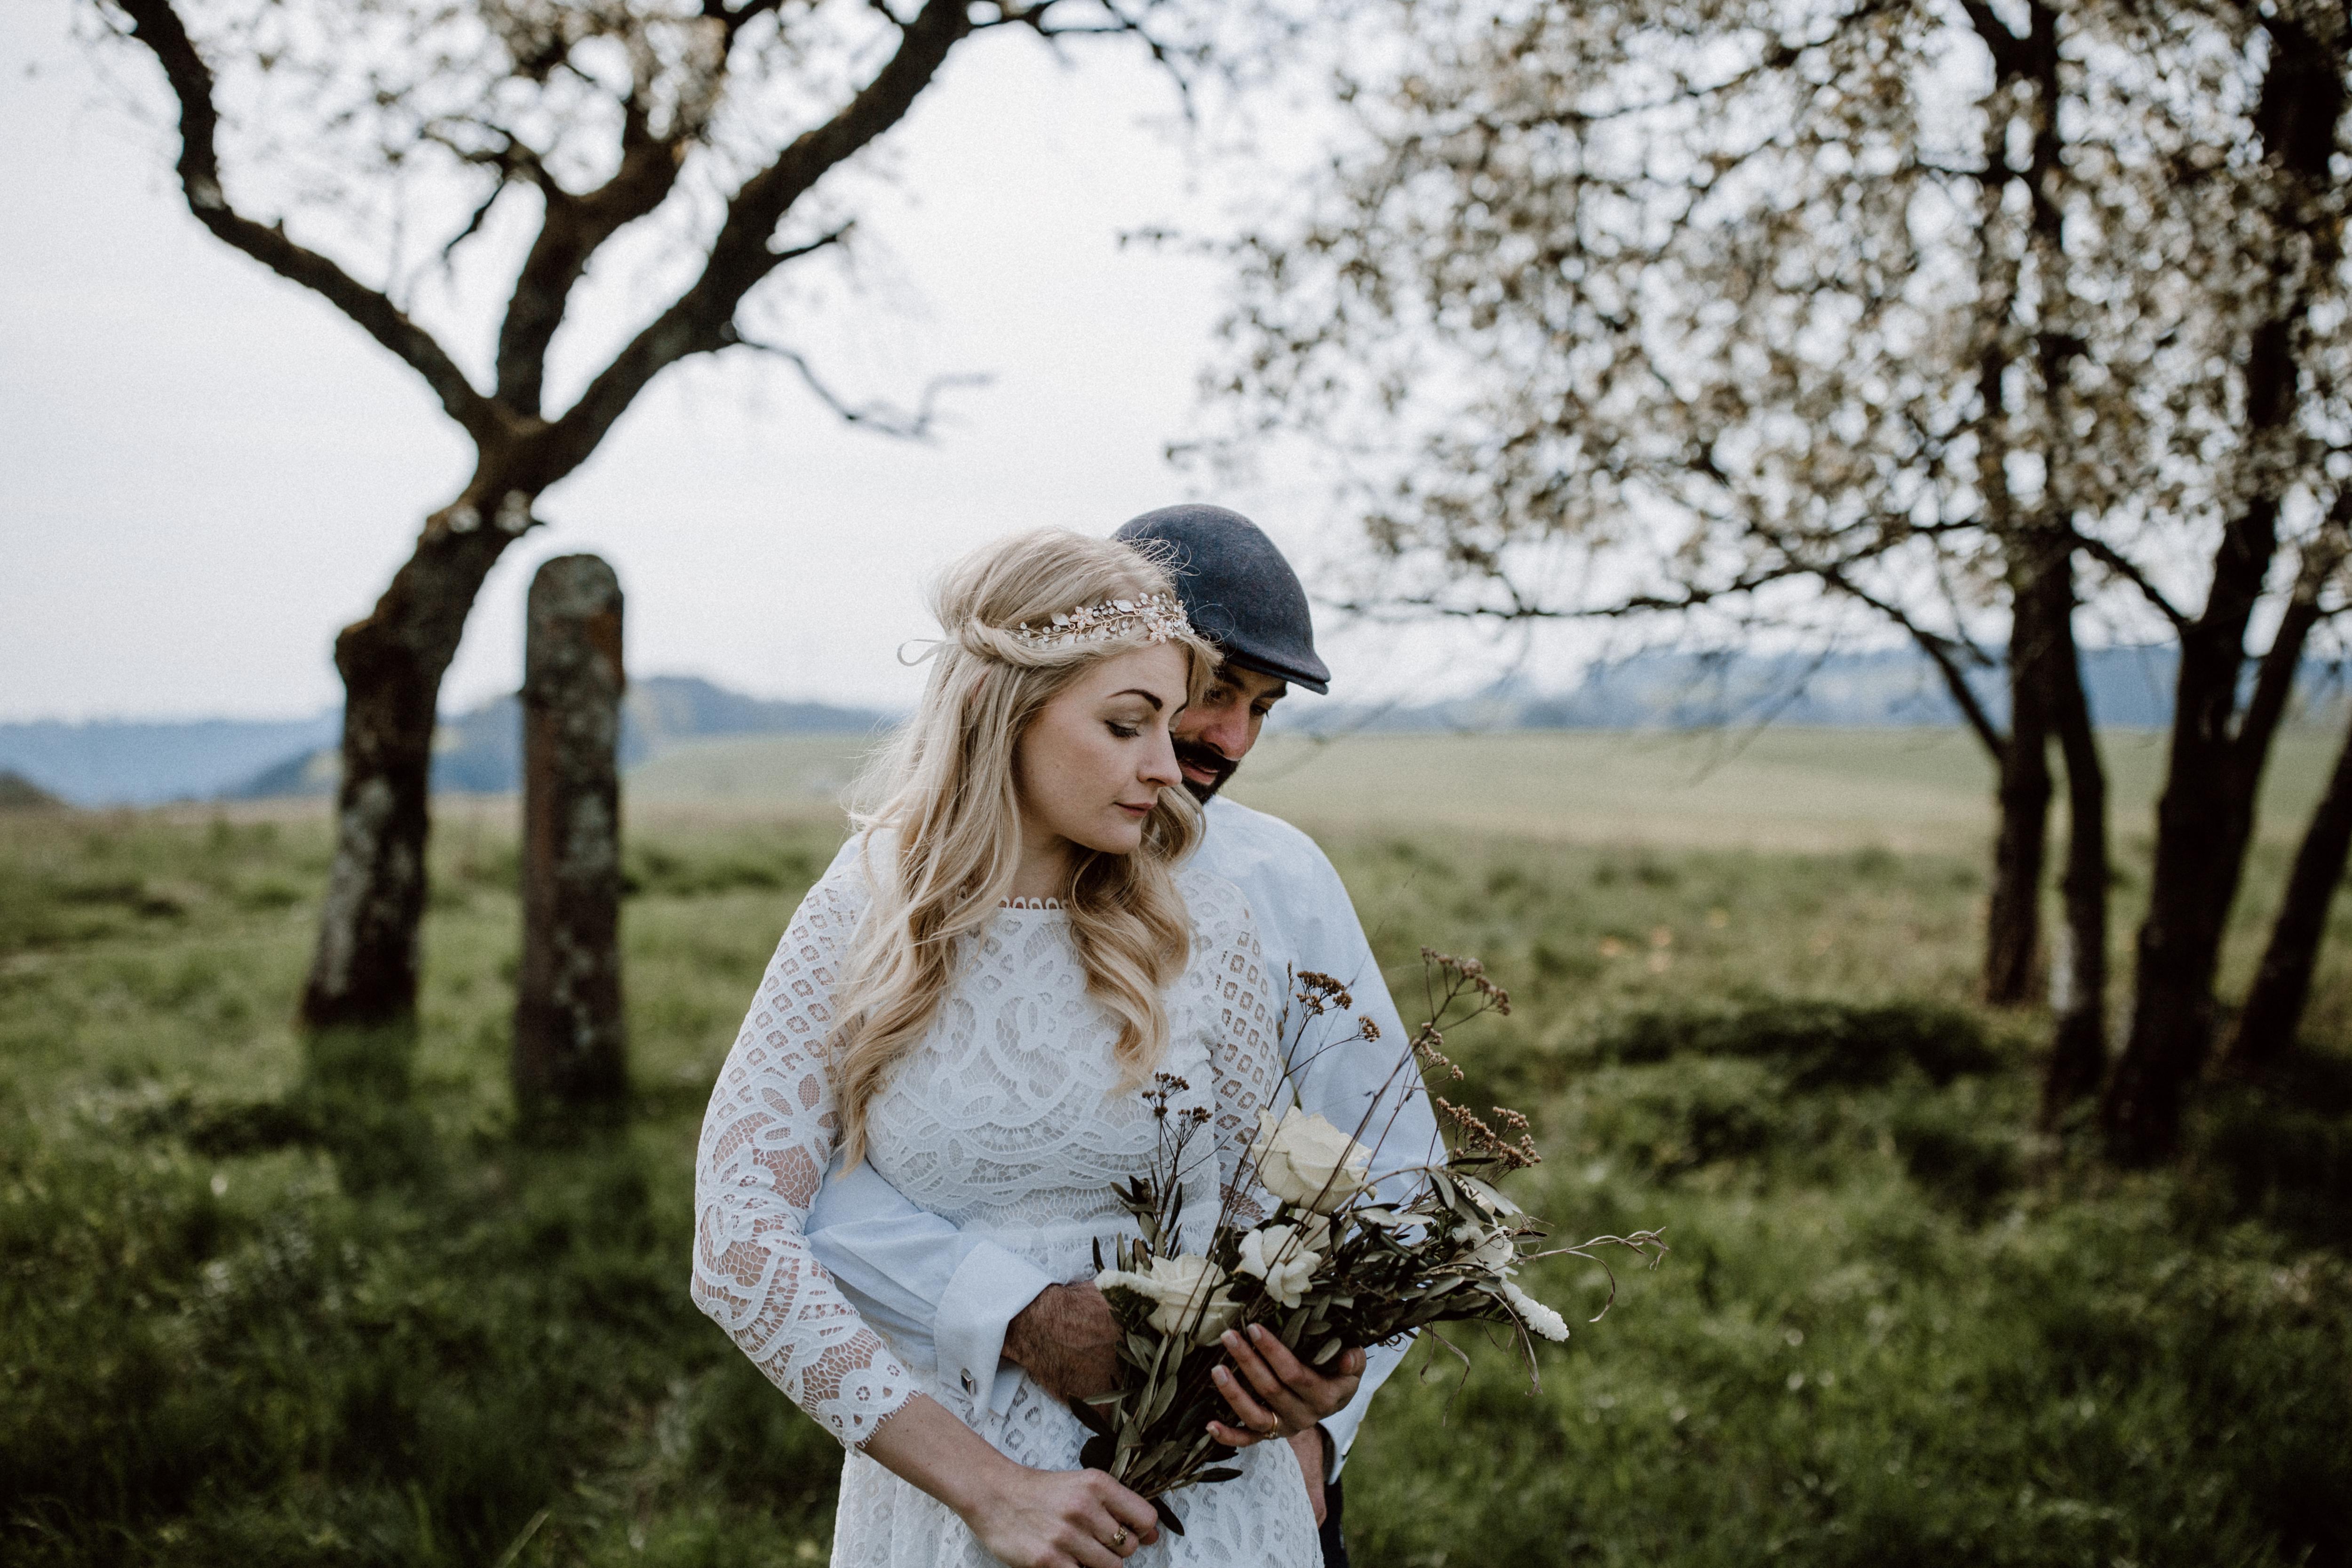 URBANERIE_Daniela_Goth_Hochzeitsfotografin_Nürnberg_Fürth_Erlangen_Schwabach_170415_001_0029